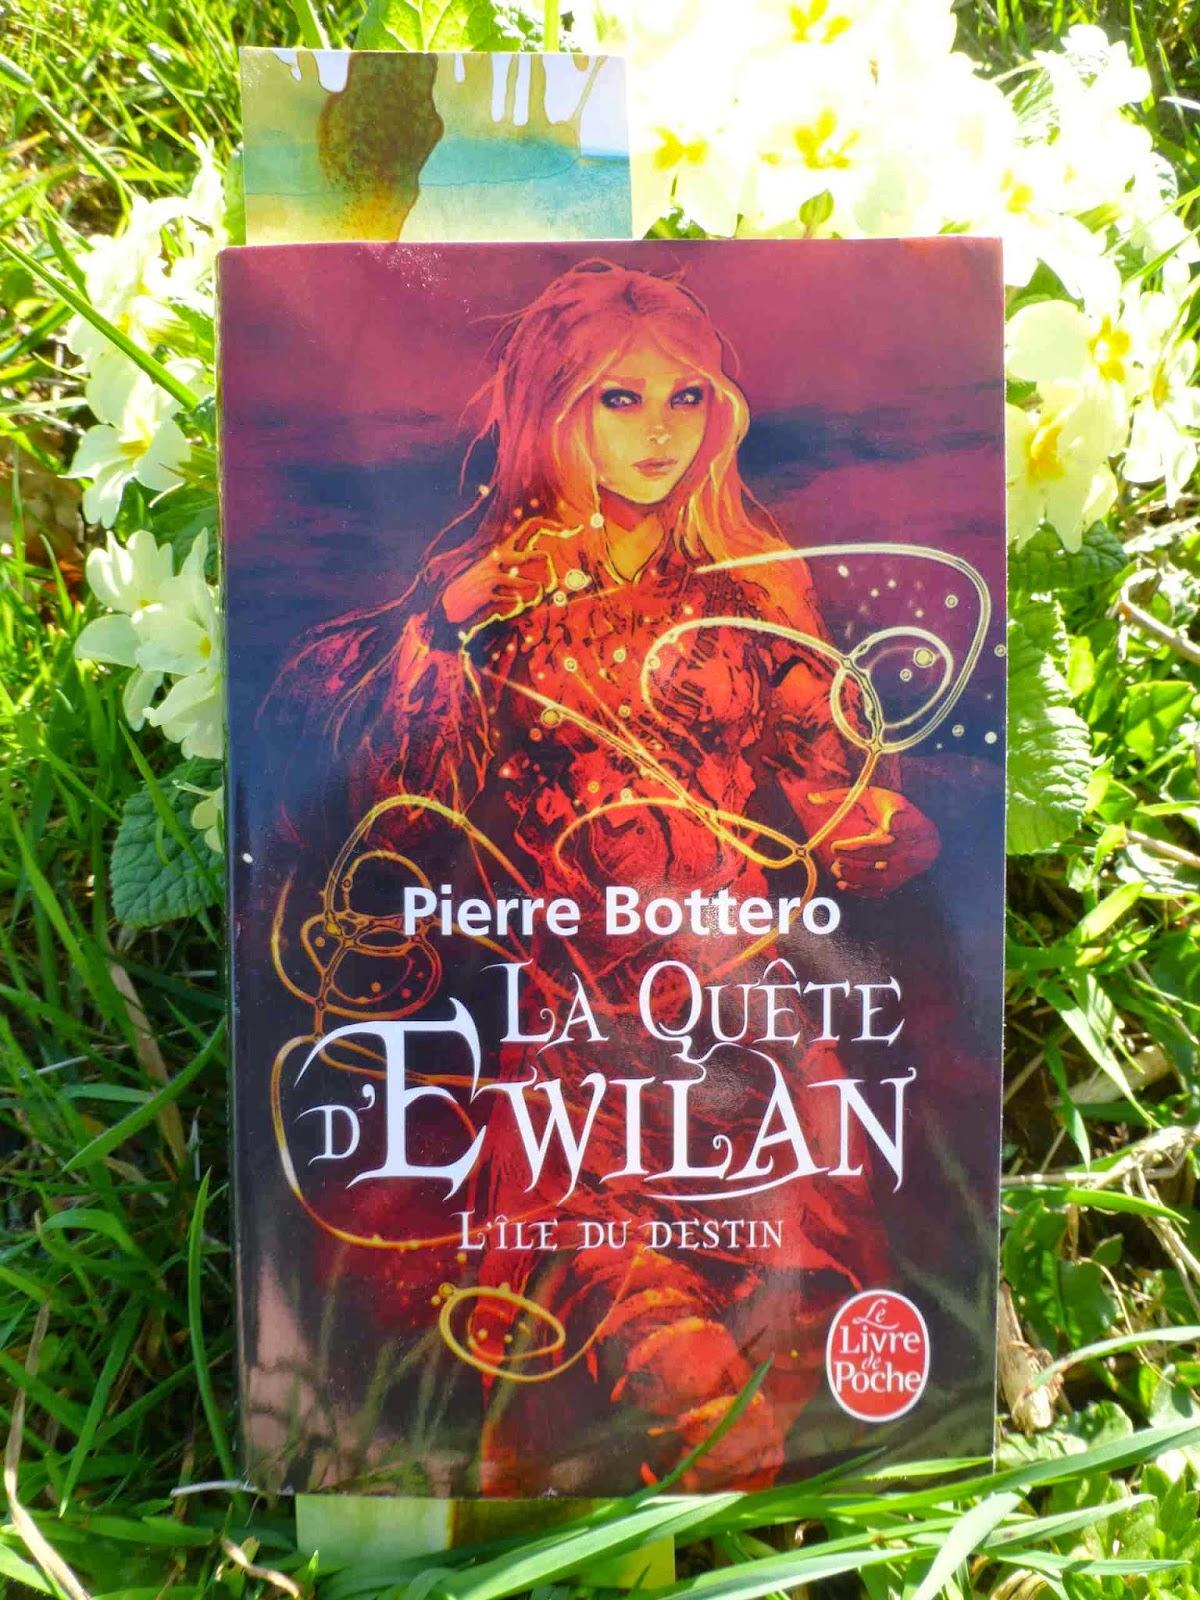 roman de fantasy jeunesse français